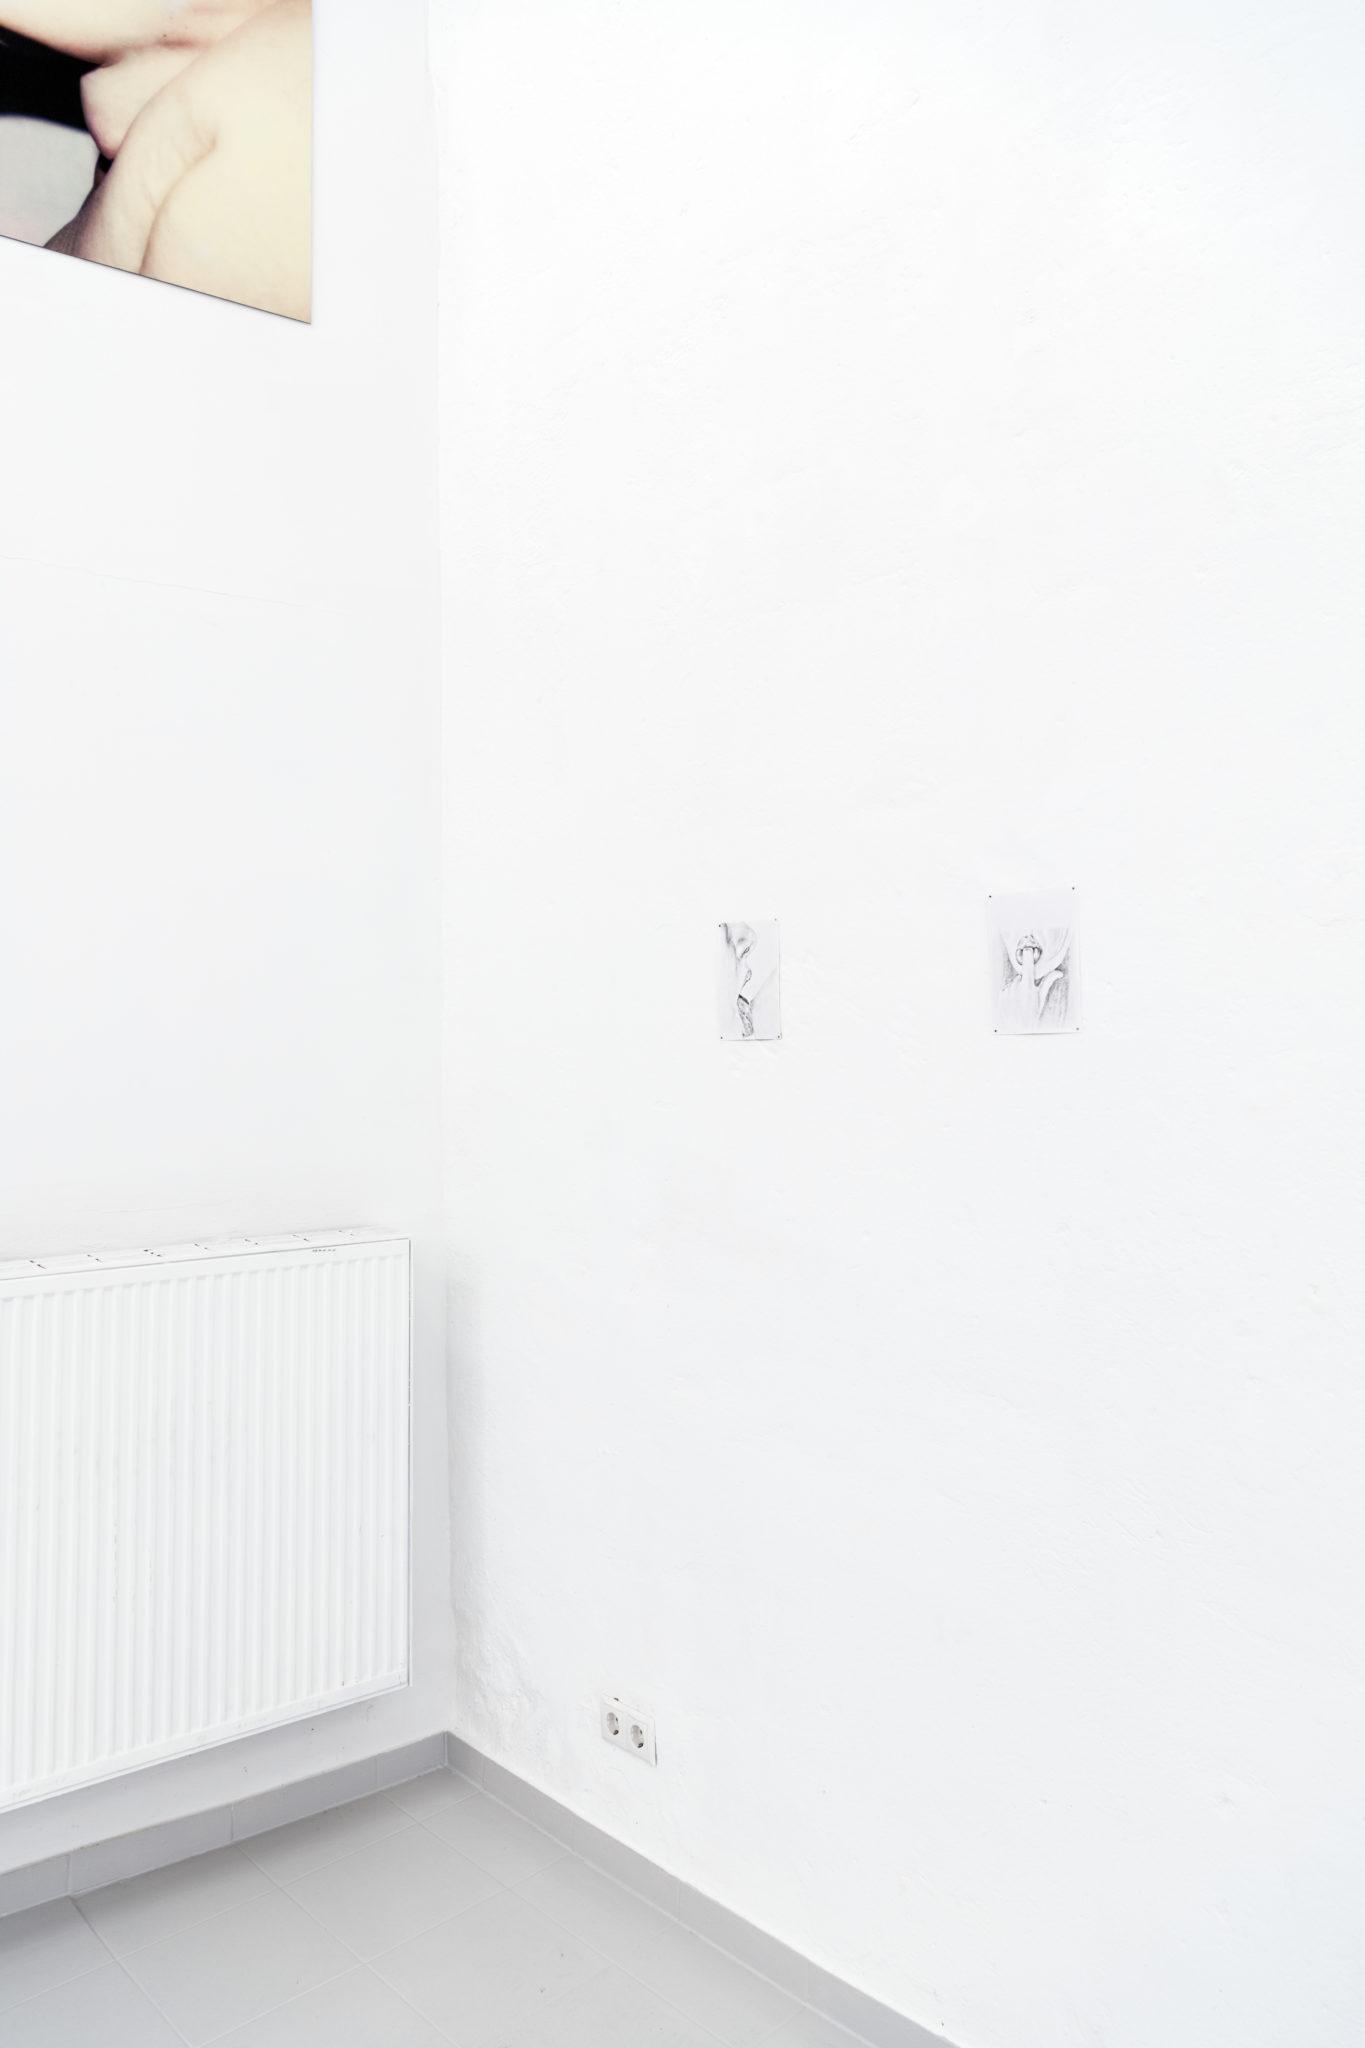 Clara Rotermund, Mein Profil und Mein Finger, Bleistift auf Papier, je 20,9 x 14,9 cm, 2021